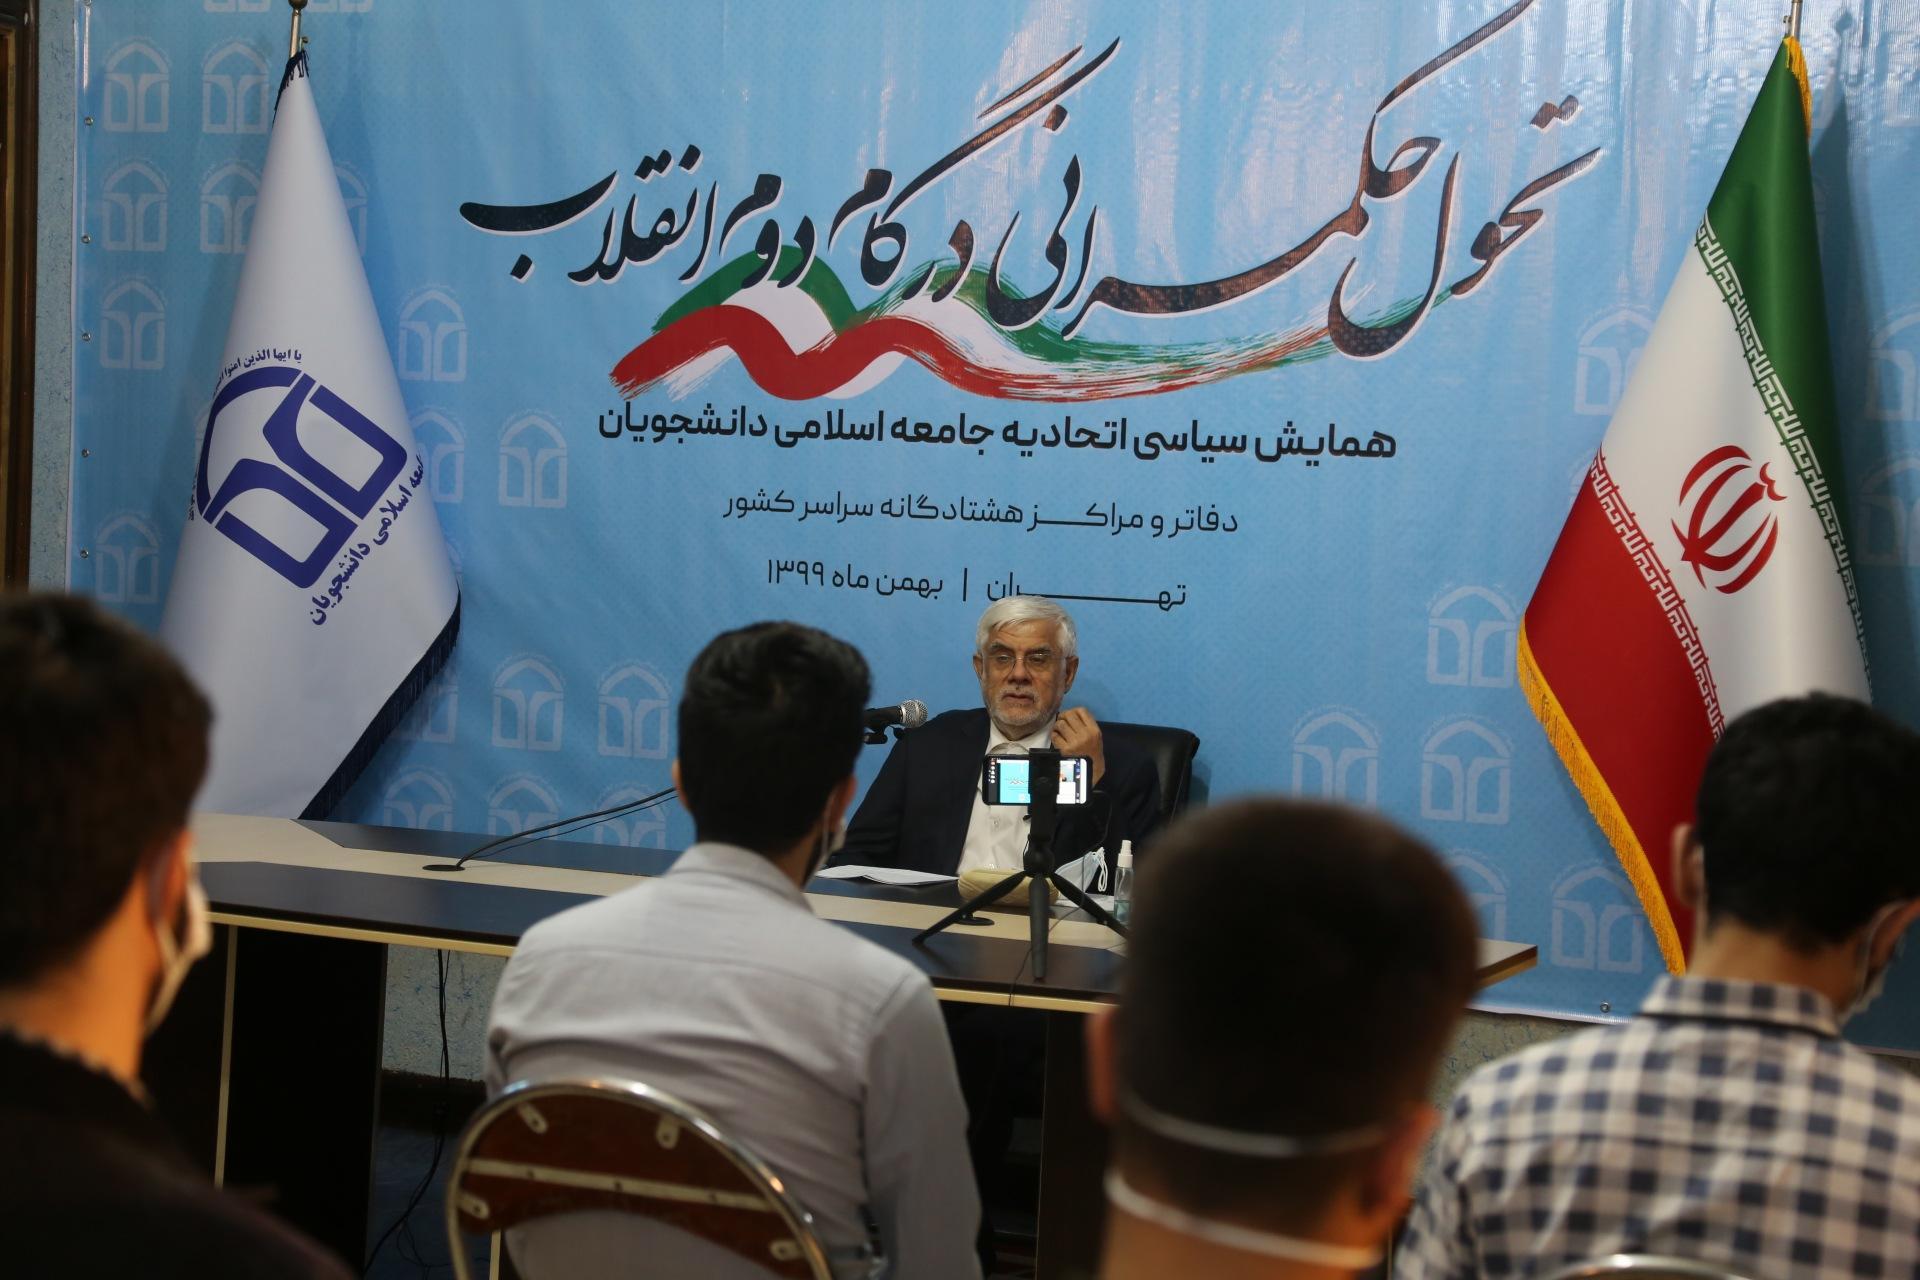 سخنرانی محمدرضا عارف در نشست جامعه اسلامی دانشجویان